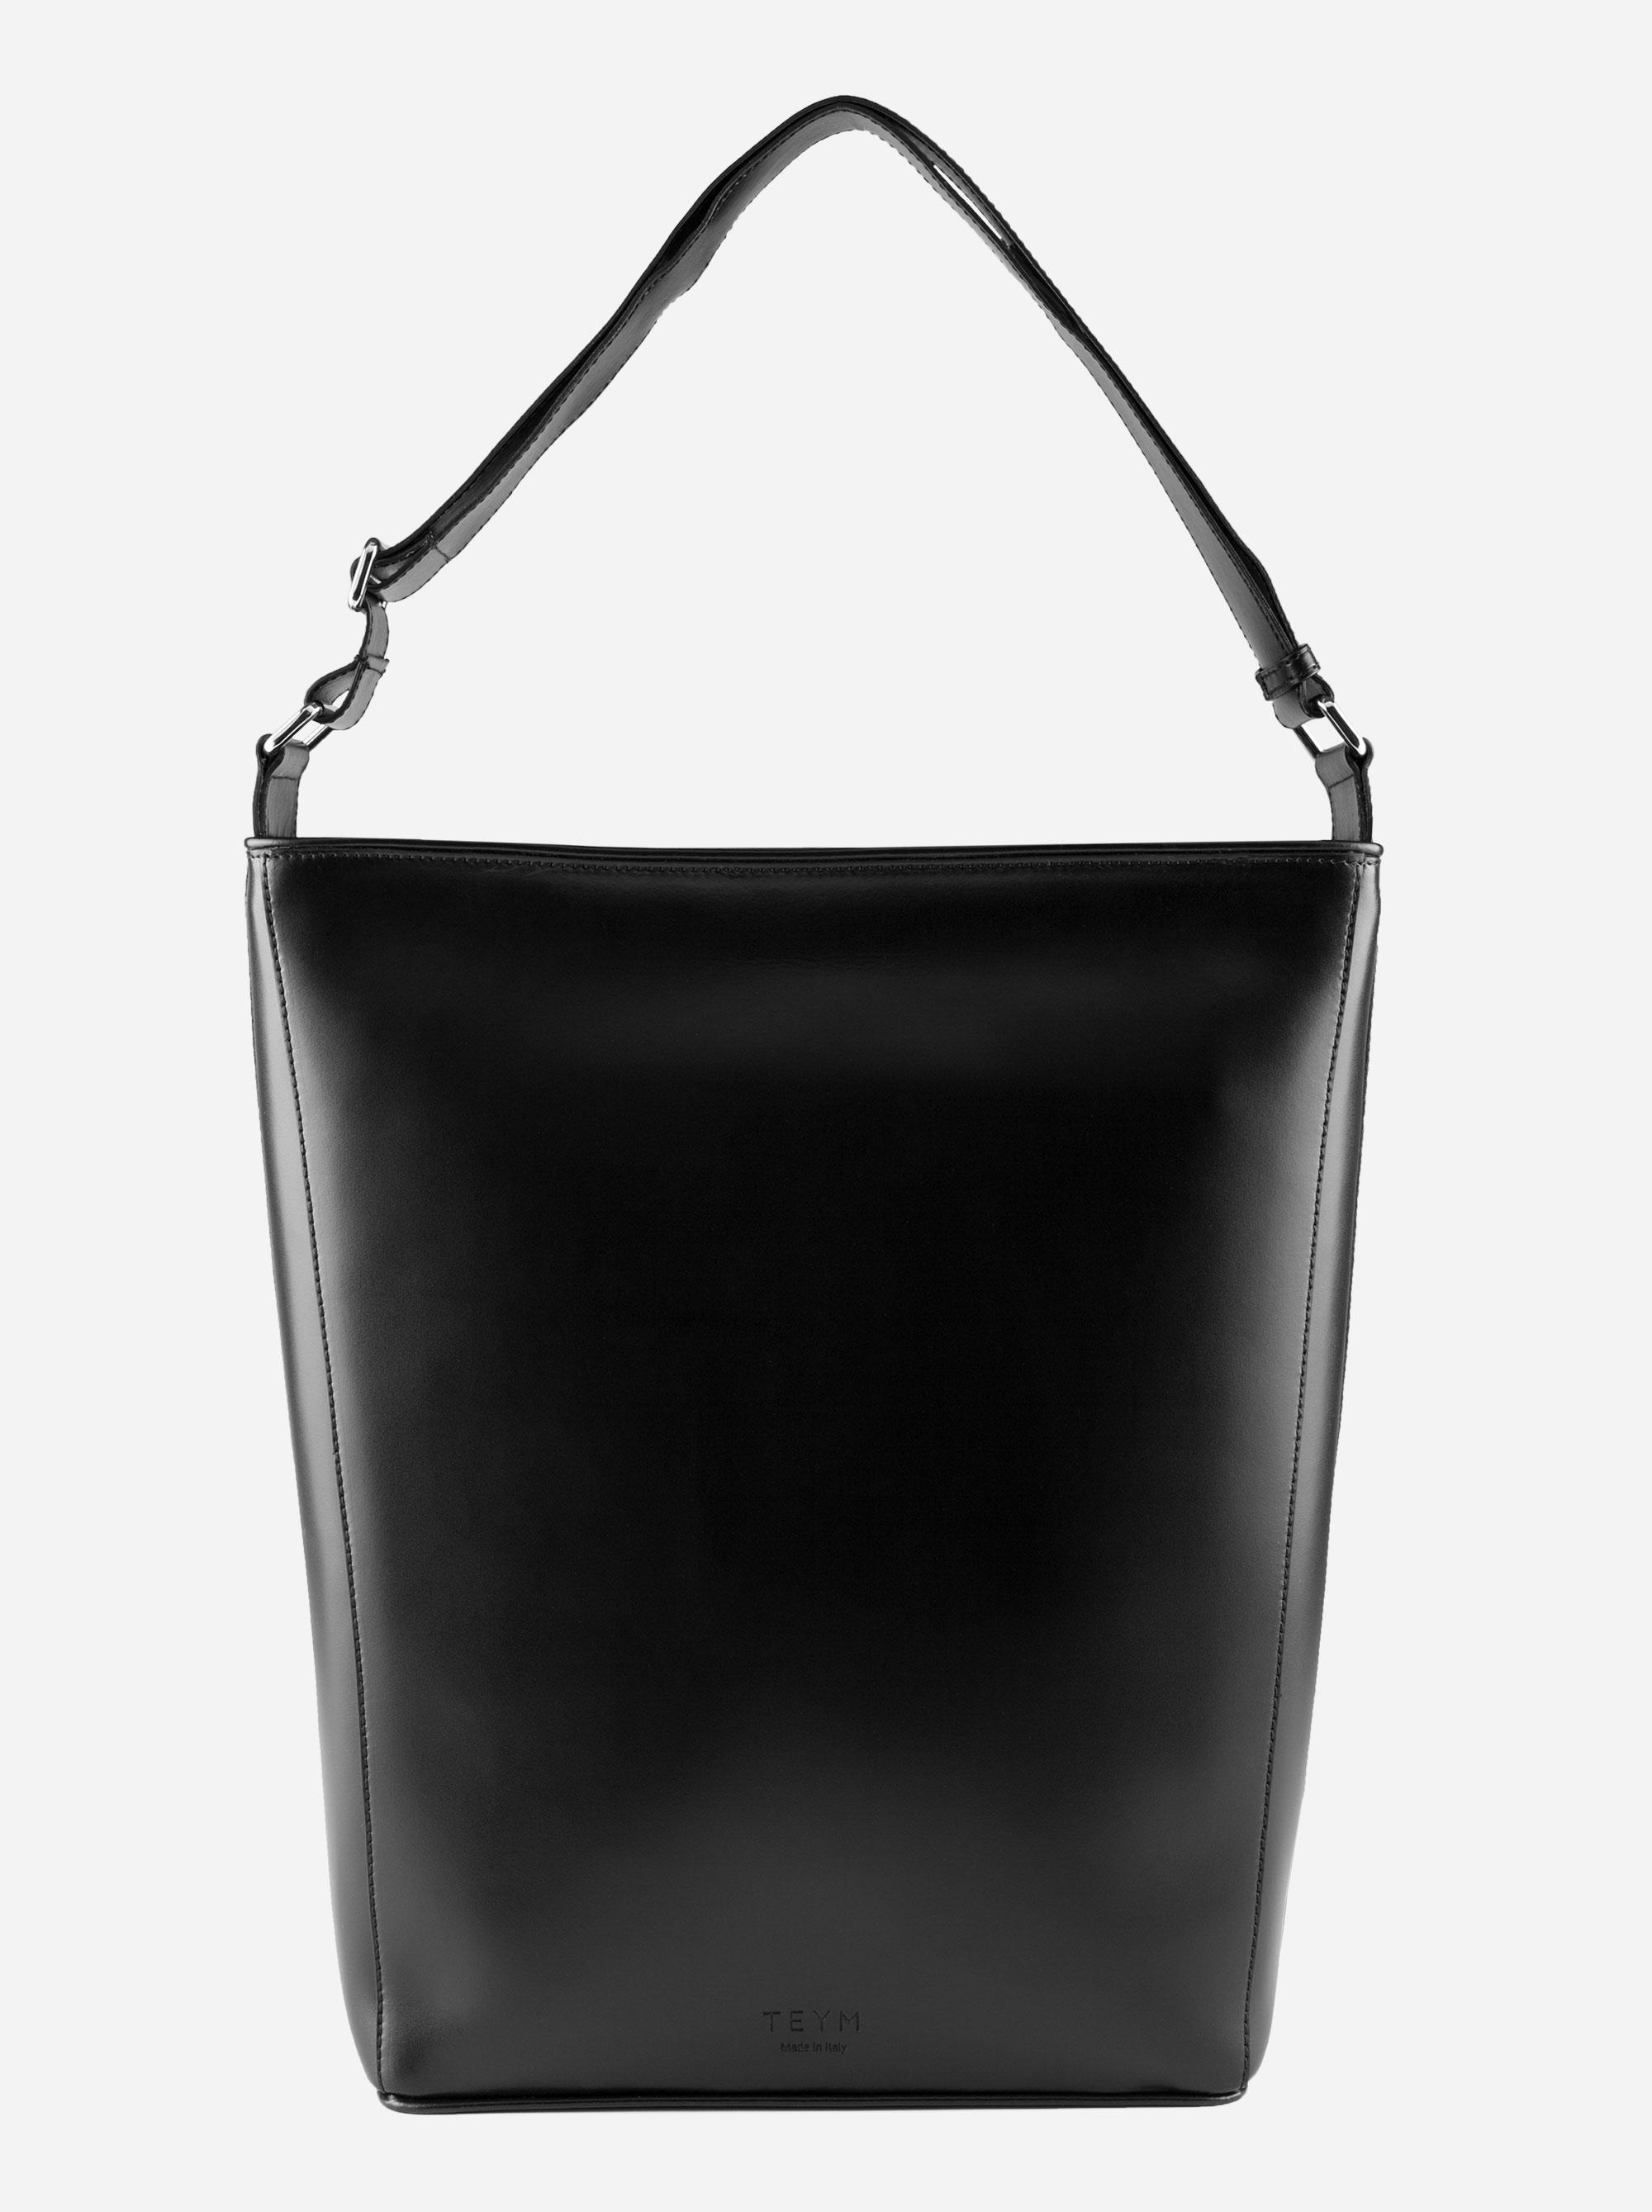 Teym - The Shoulder Bag - Black - 4